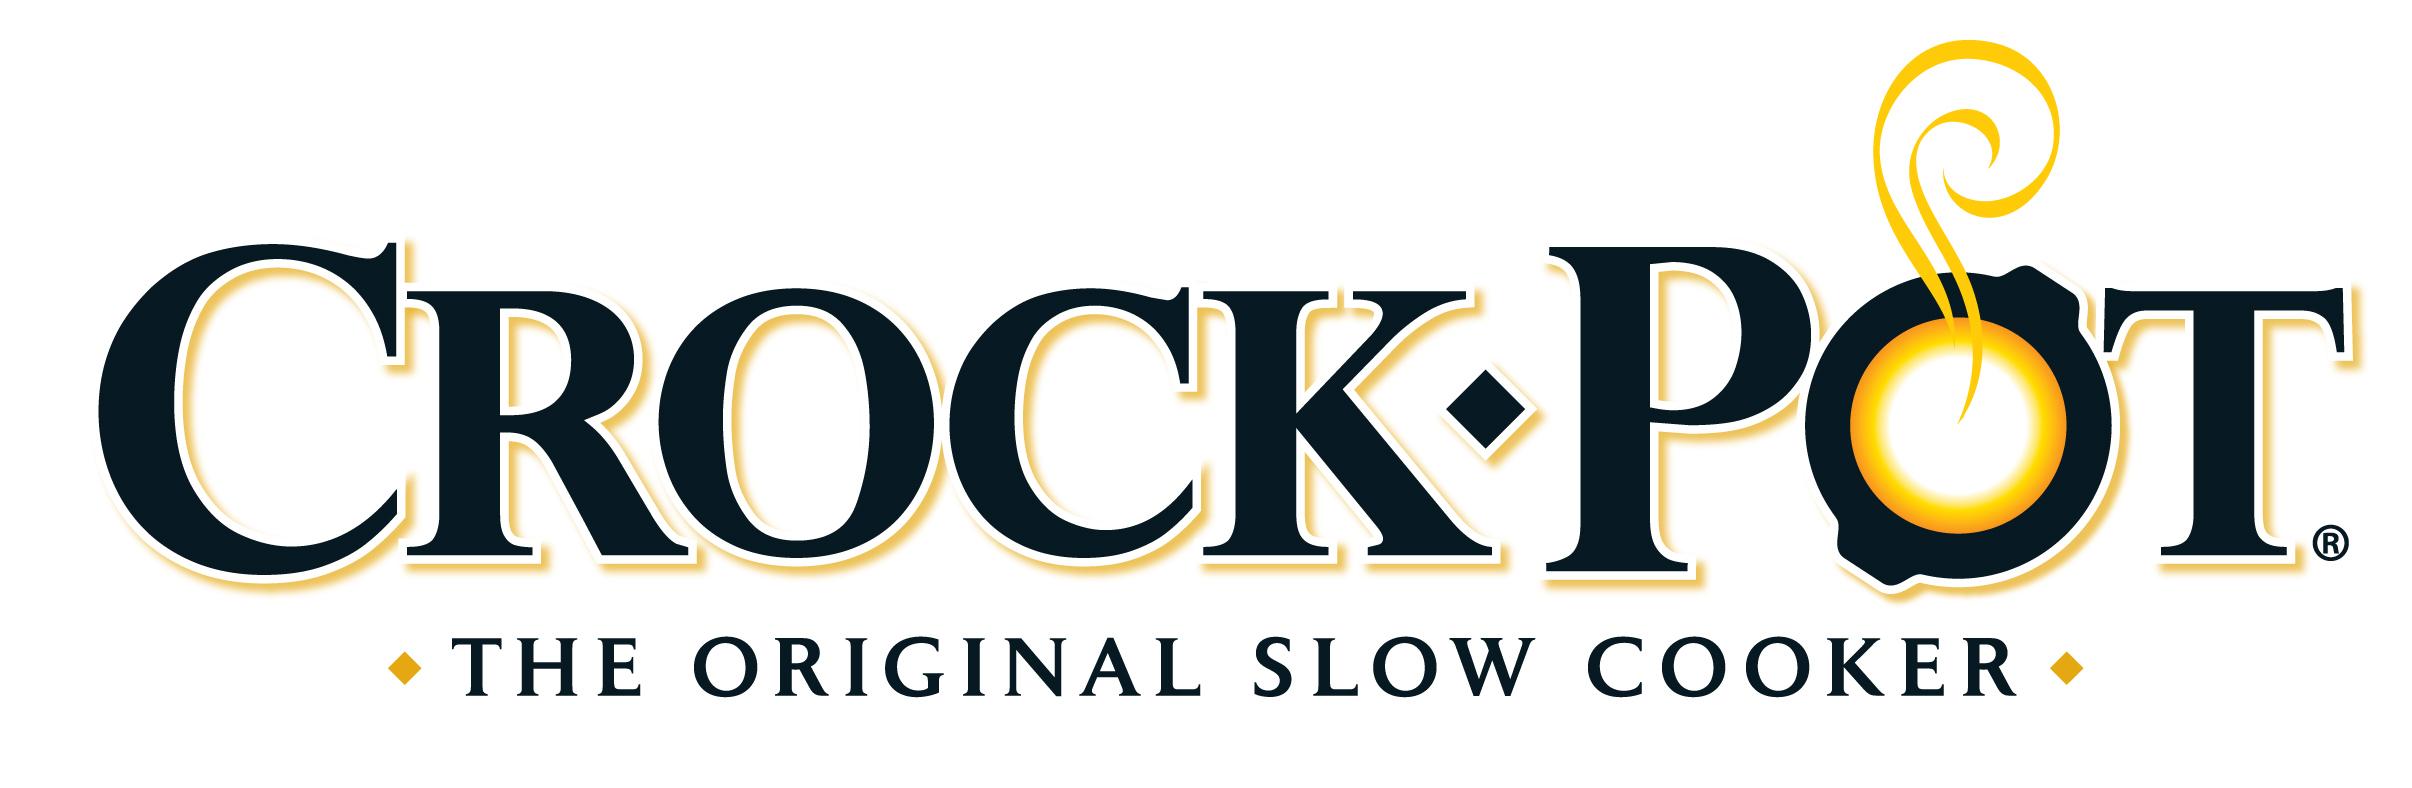 Crockpot Logo